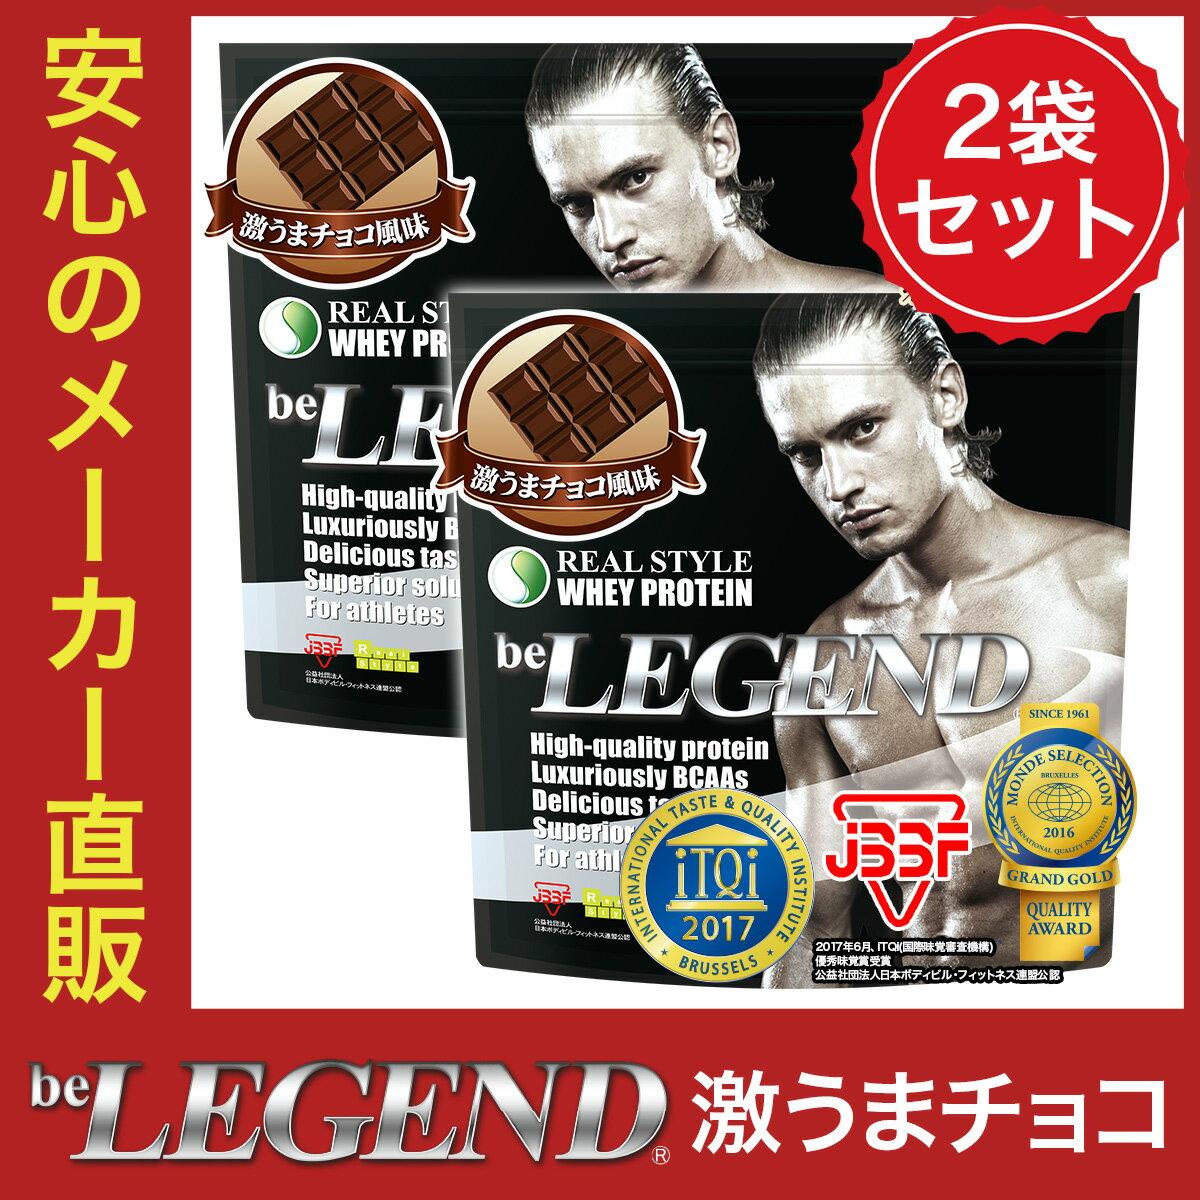 ビーレジェンド プロテイン 激うまチョコ風味 1kg×2袋(be LEGEND ホエイプロテイン)【オススメ】